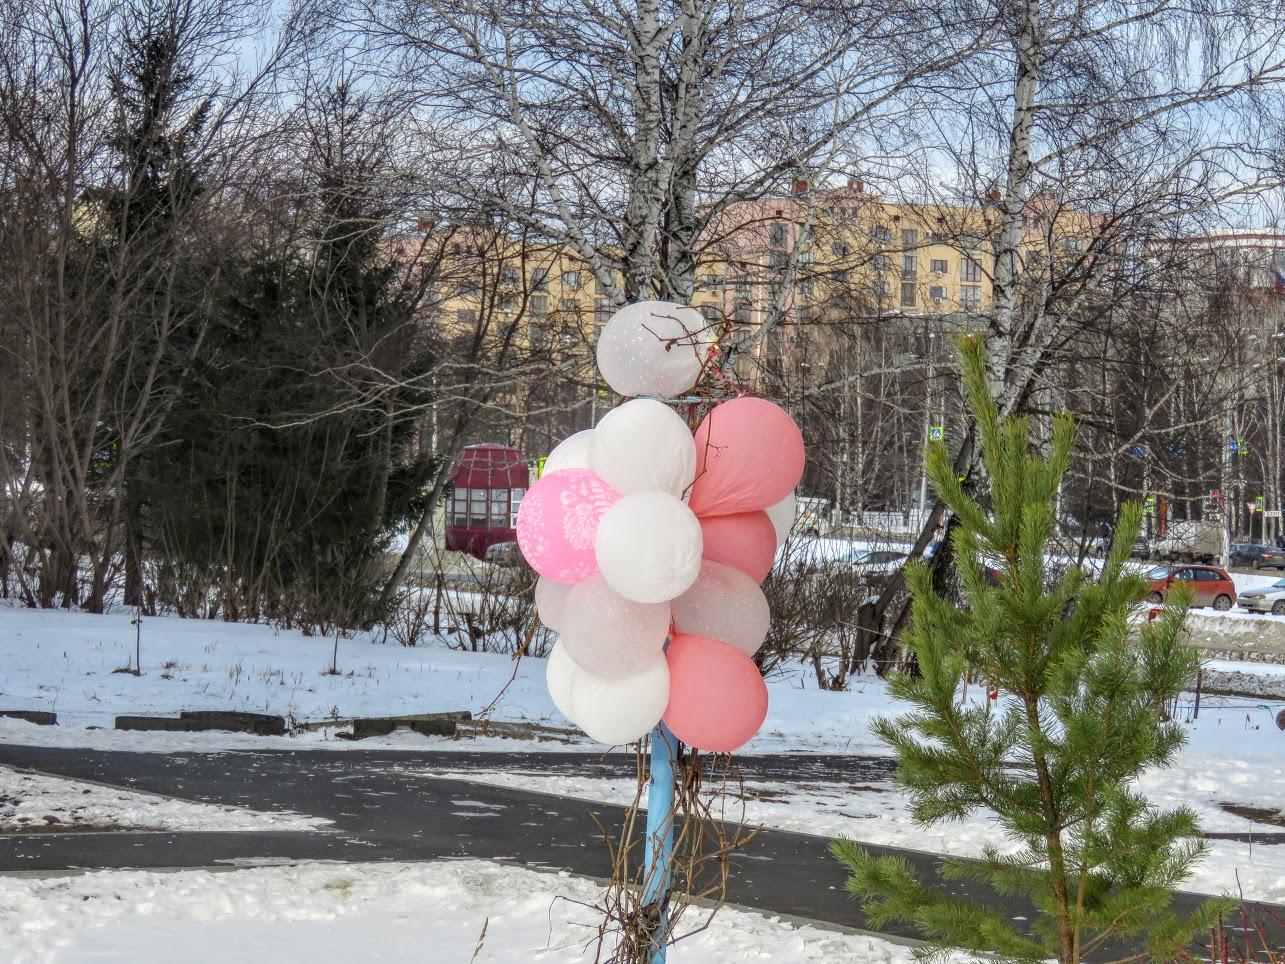 Розовый снежноягодник, снегири и другие прелести дня. Мой Мурыч с утра) IMG 2600